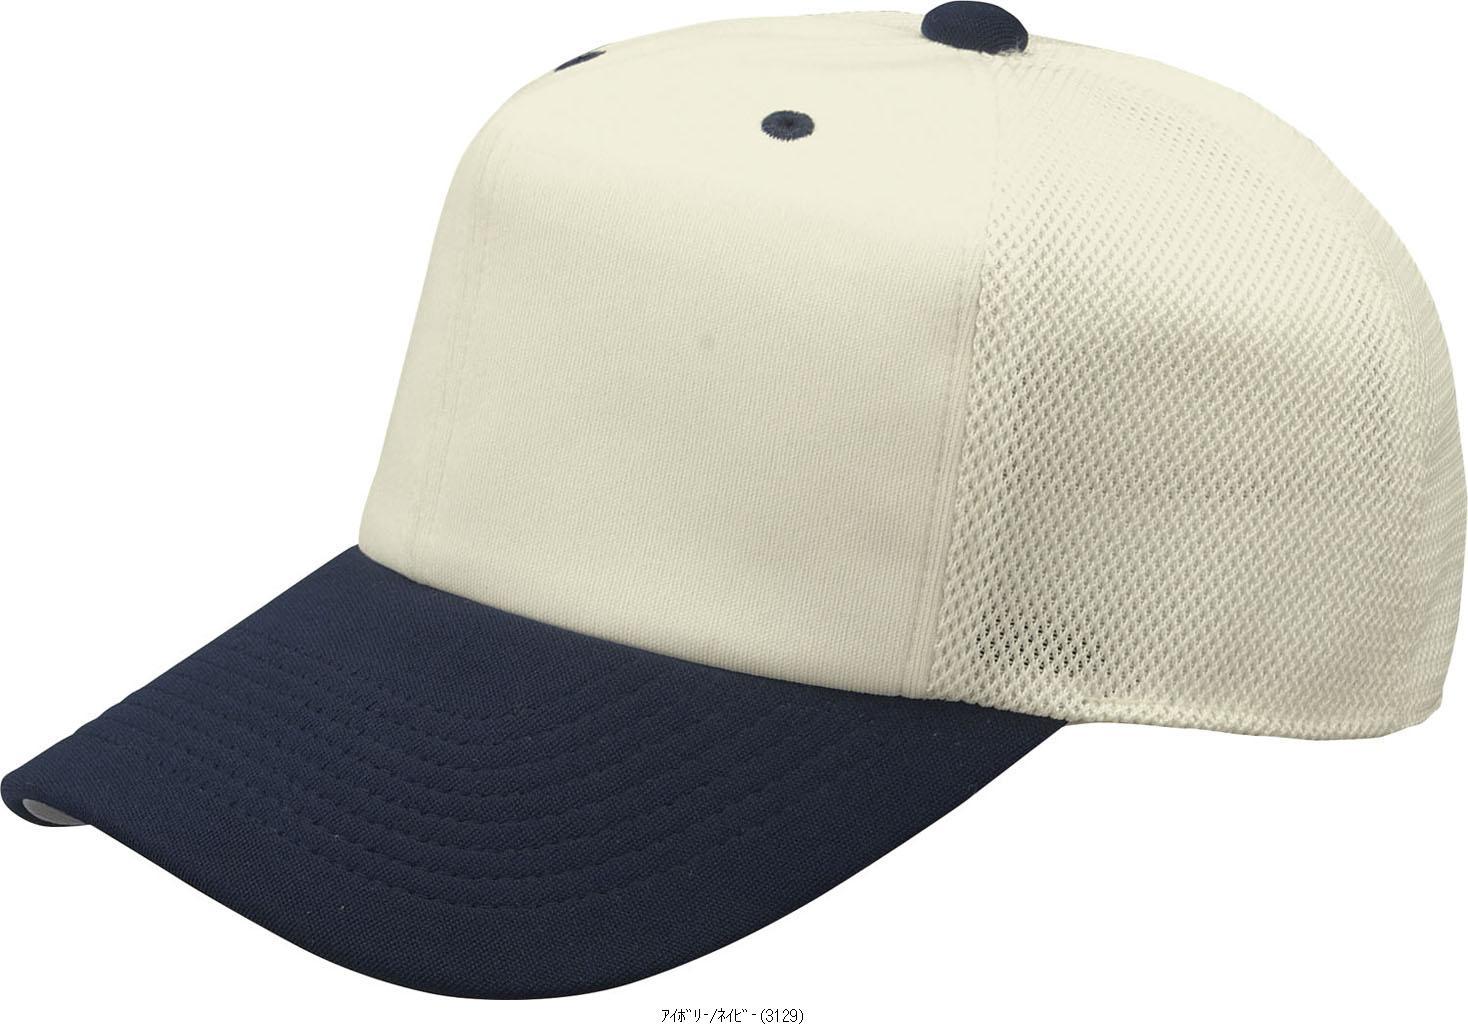 ゼット ZETT ベースボールキャップ BH161A 登場大人気アイテム スポーツ 期間限定で特別価格 野球 ウェア レプリカ野球帽 ソフトボール アウトドア